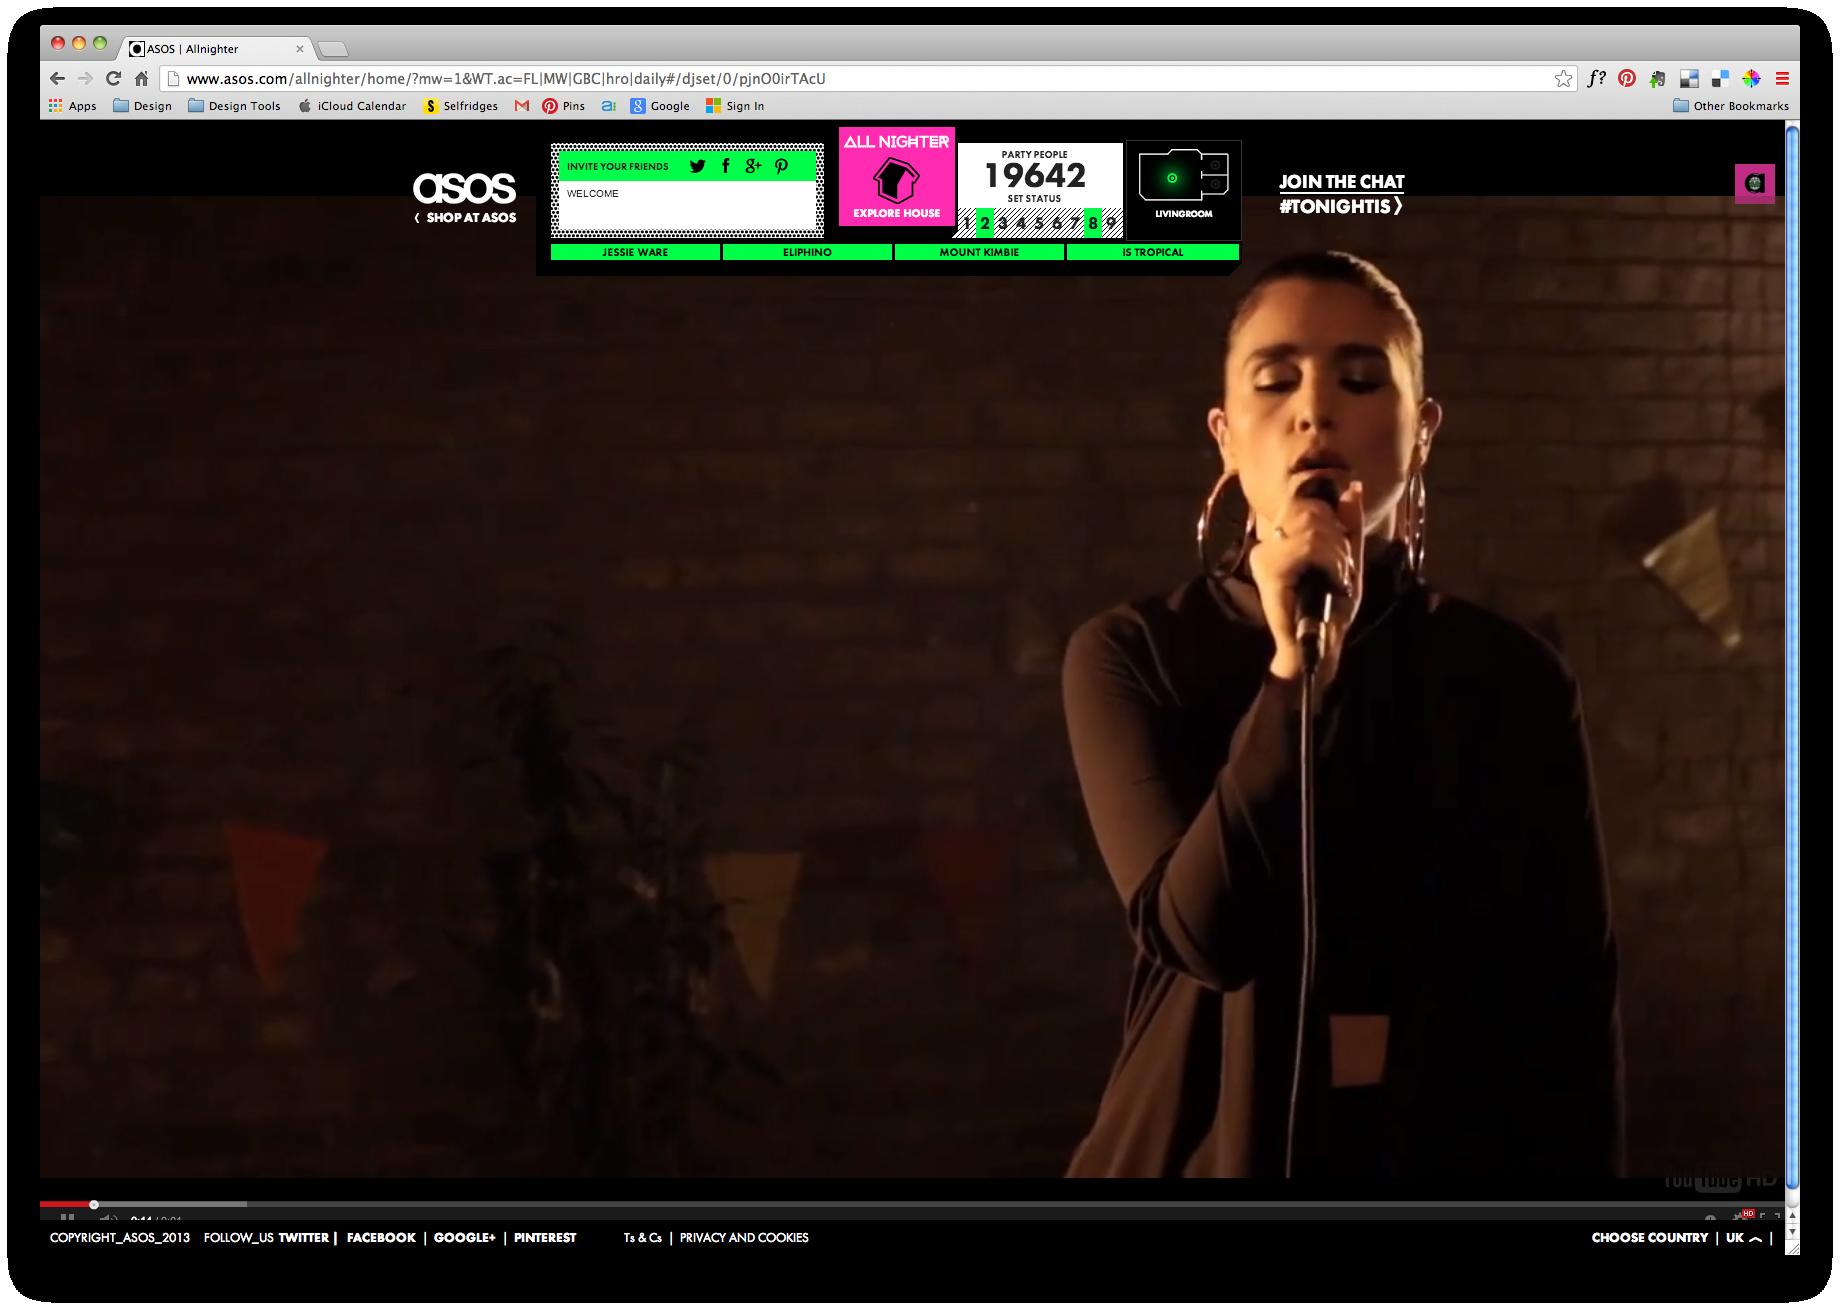 Screen shot 2013-12-12 at 16.44.07